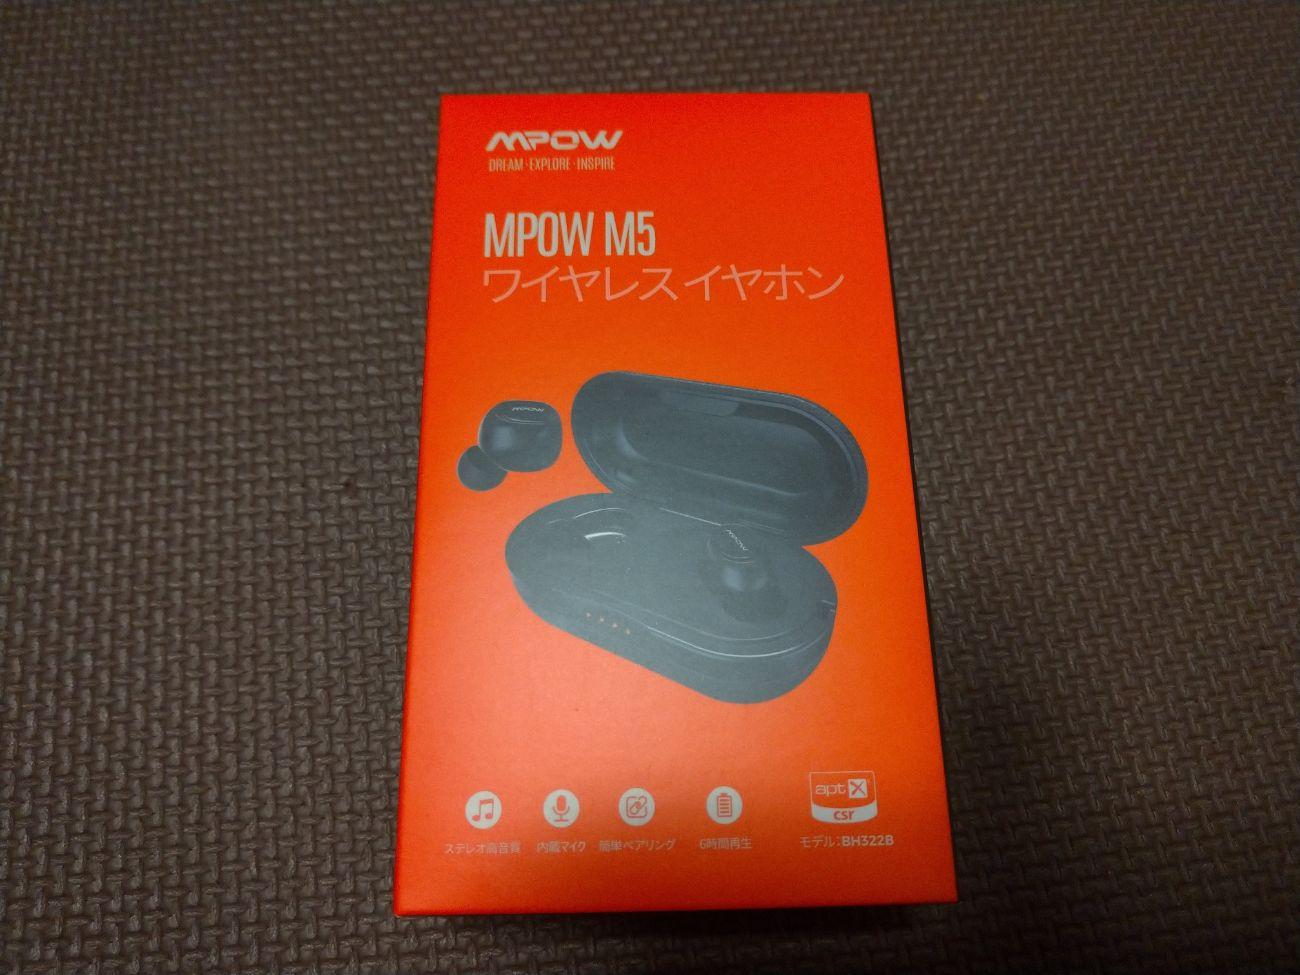 完全ワイヤレスイヤホン MPOW『M5』